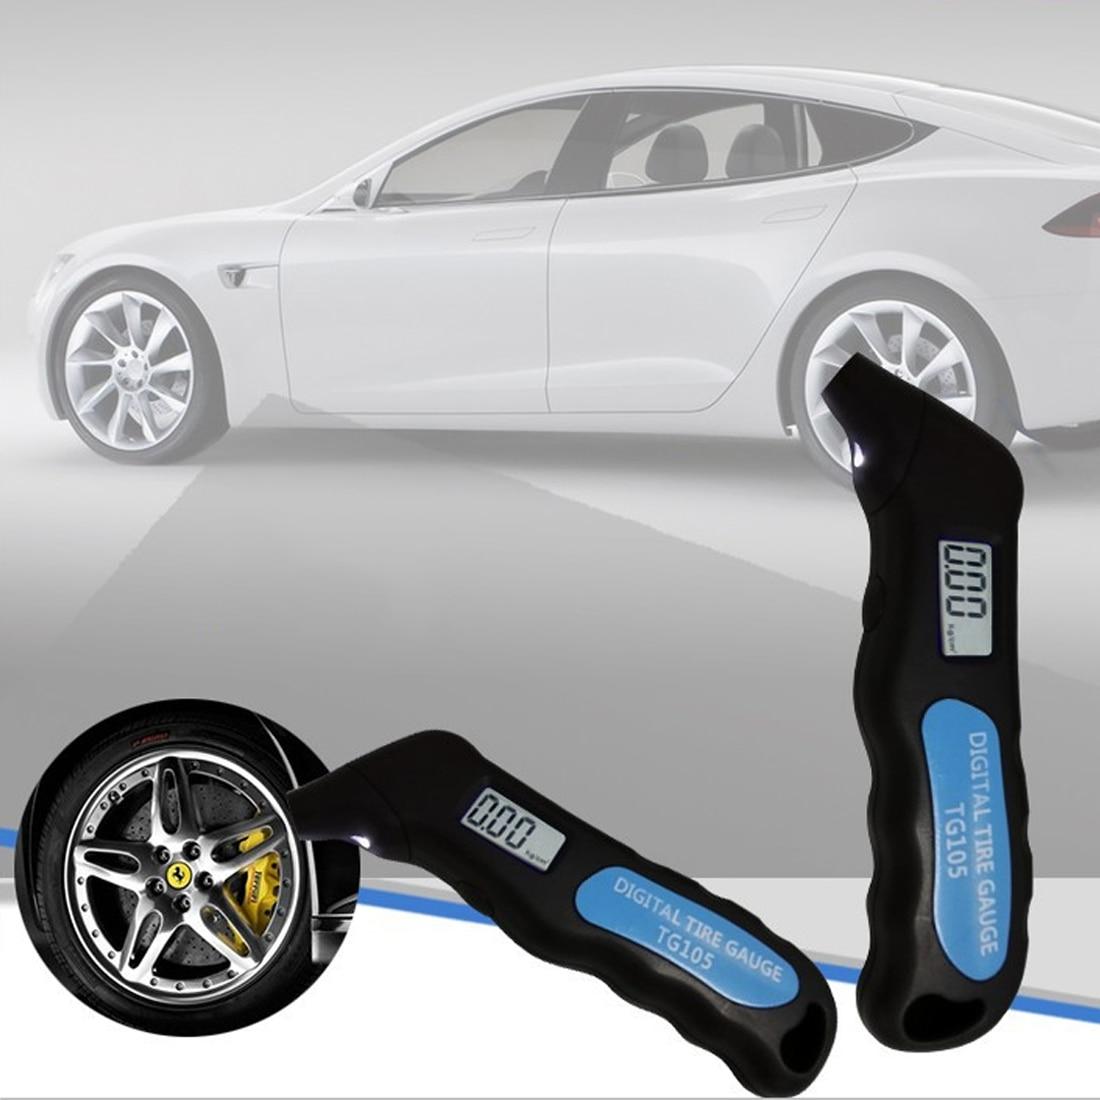 Цифровой автомобильный шиномонтажный ЖК-дисплей манометр барометр тестер для автомобиля Грузовой автомобиль, мотоцикл, велосипед